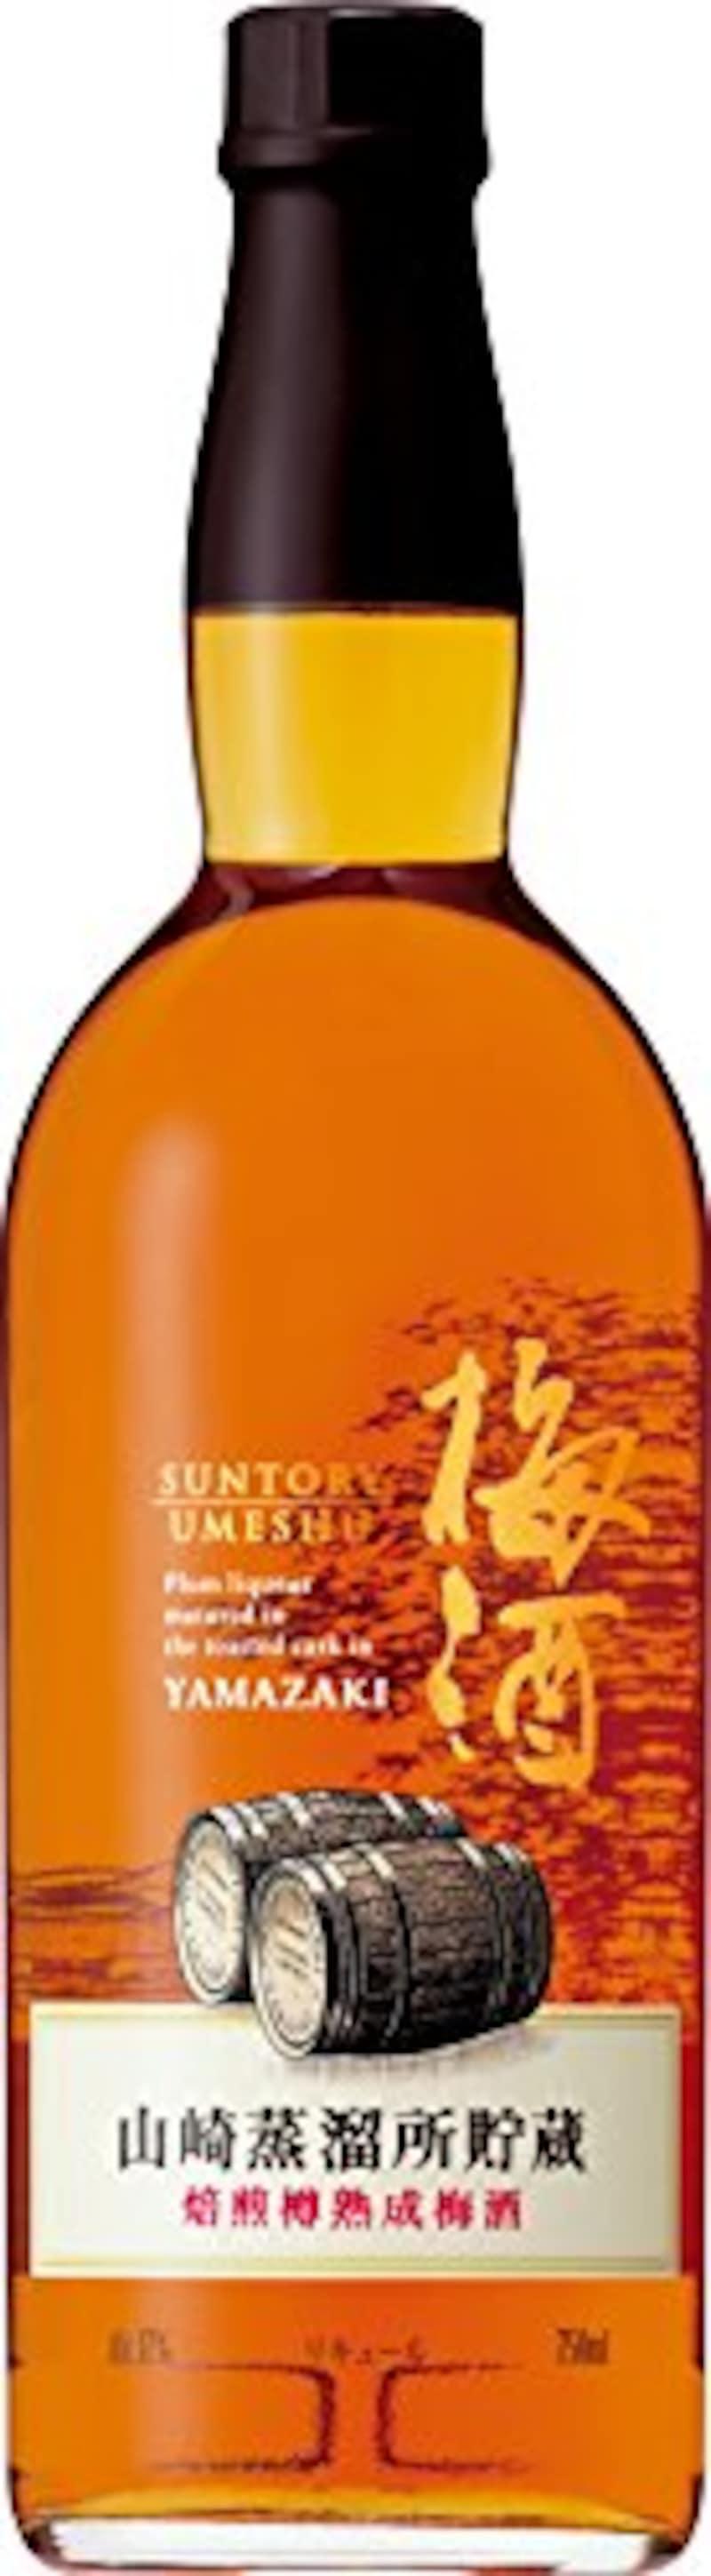 サントリー,山崎蒸留所貯蔵 焙煎樽熟成梅酒